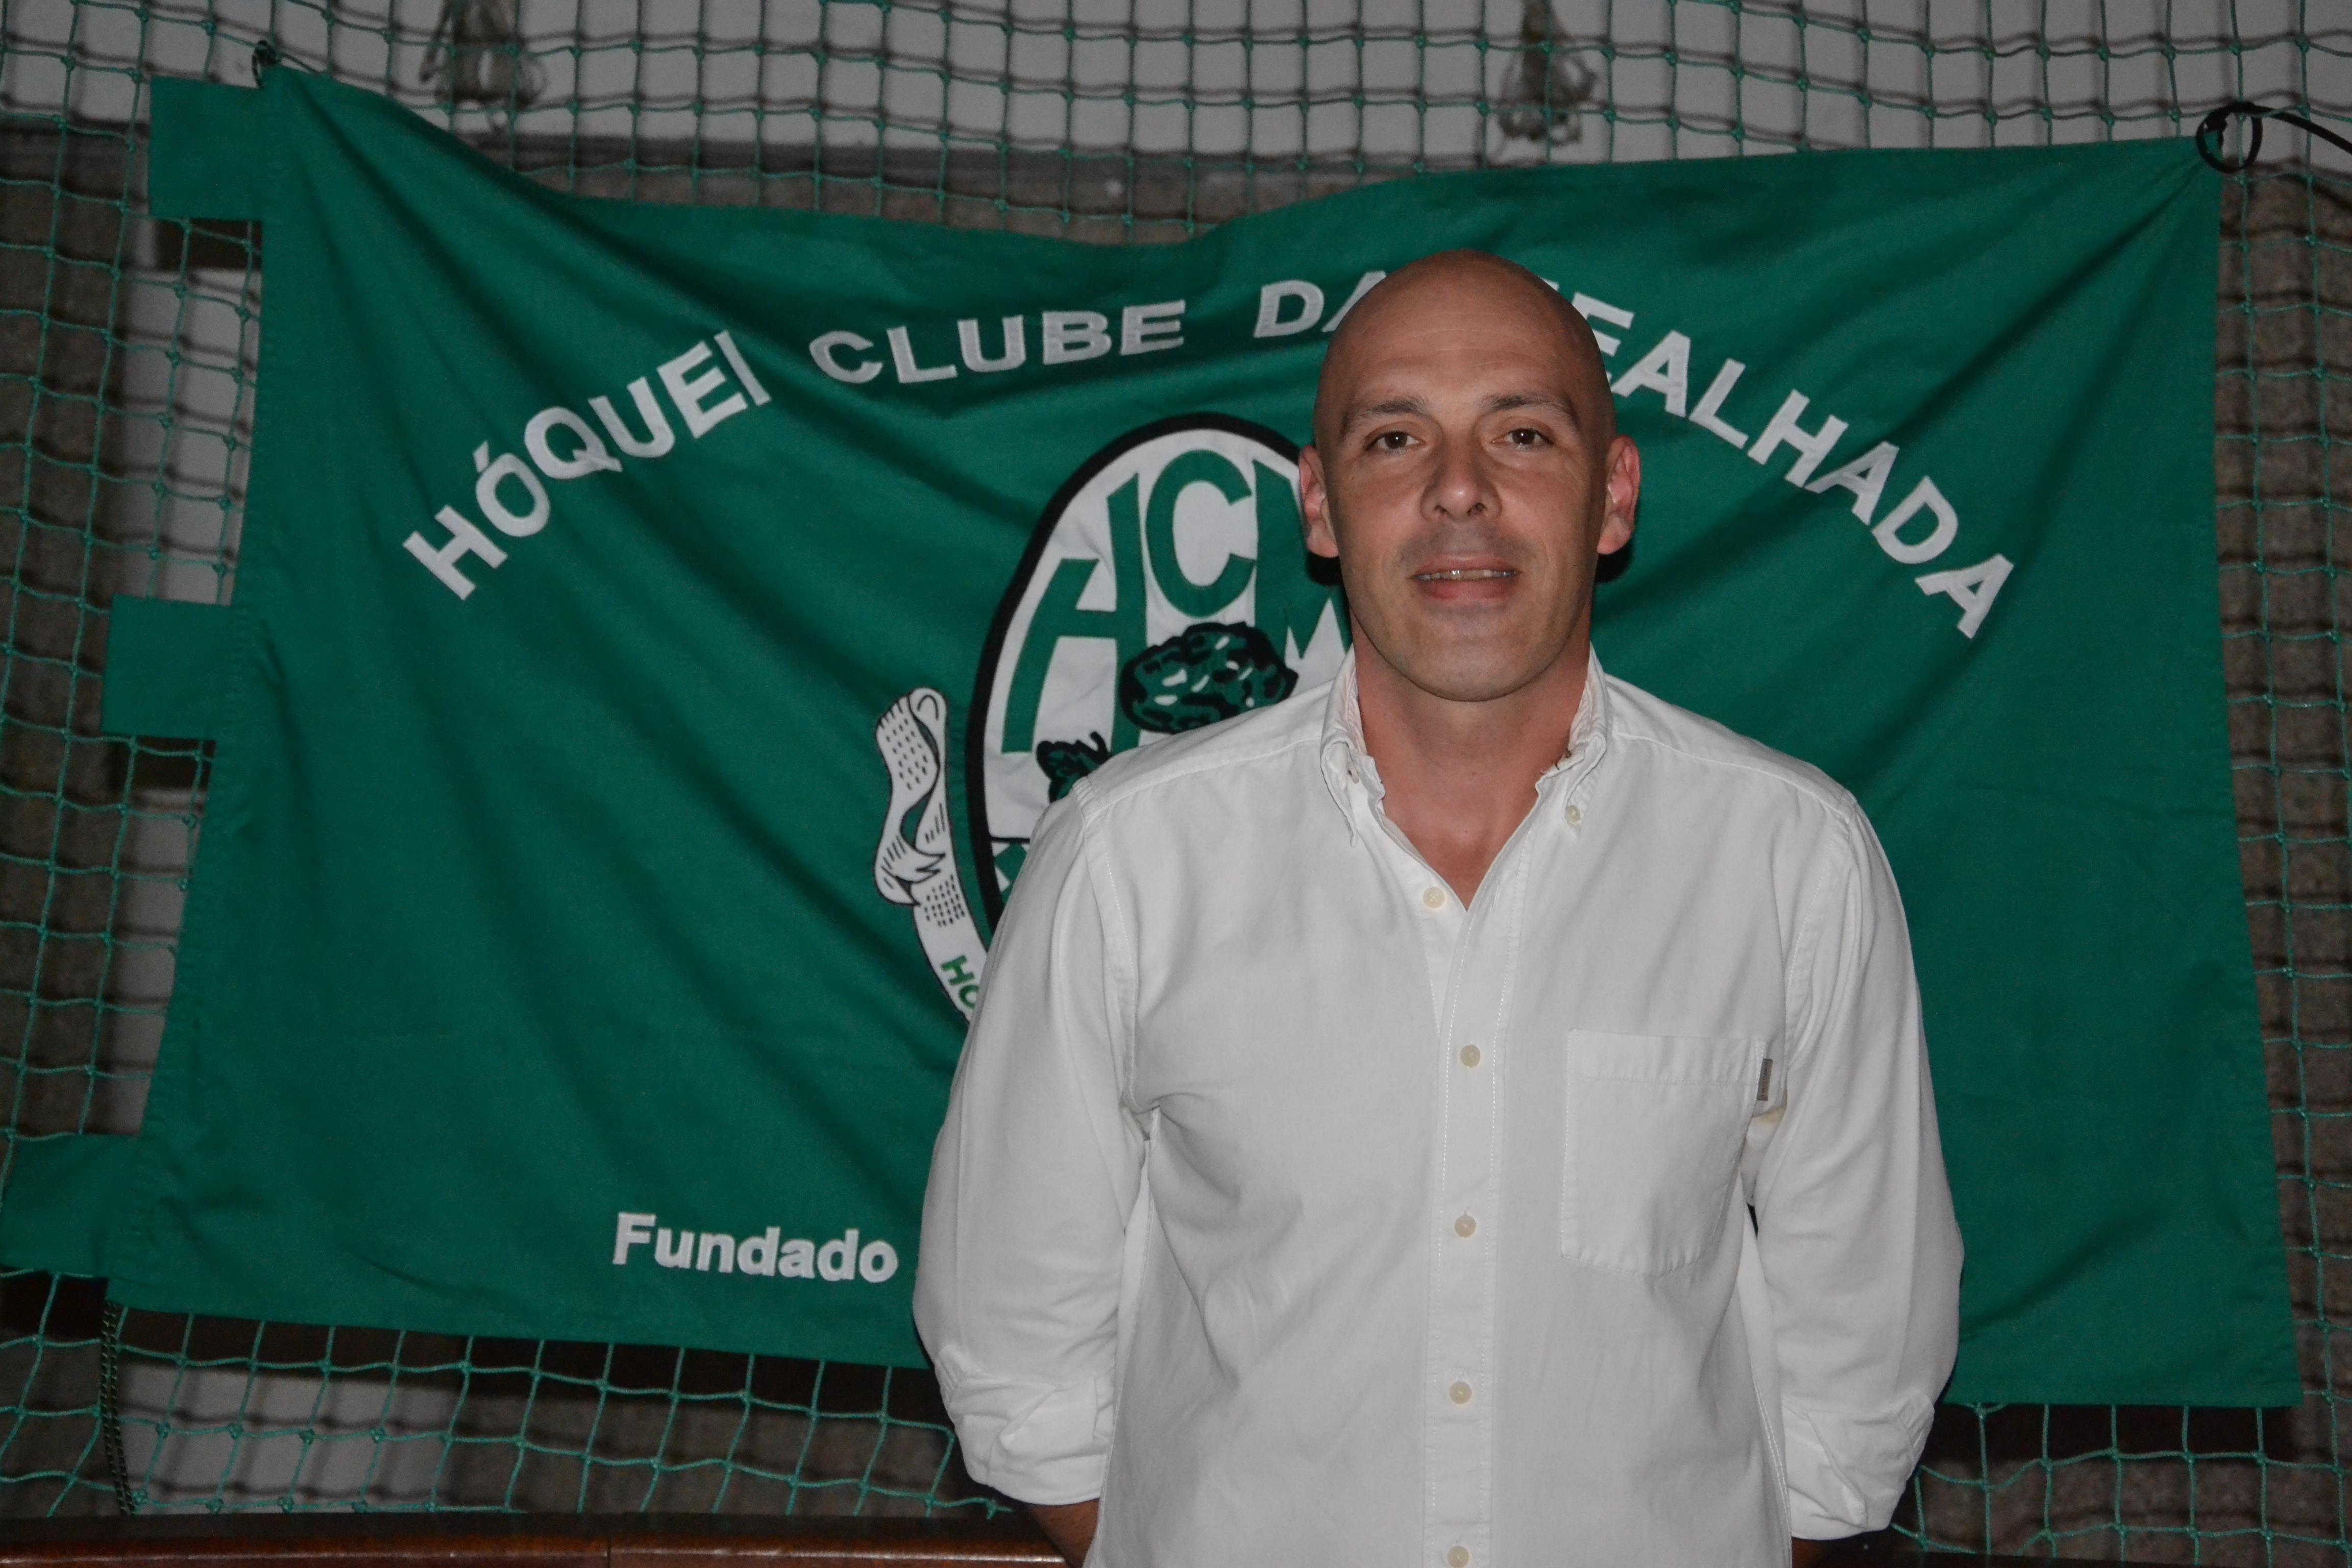 Pedro Estarreja